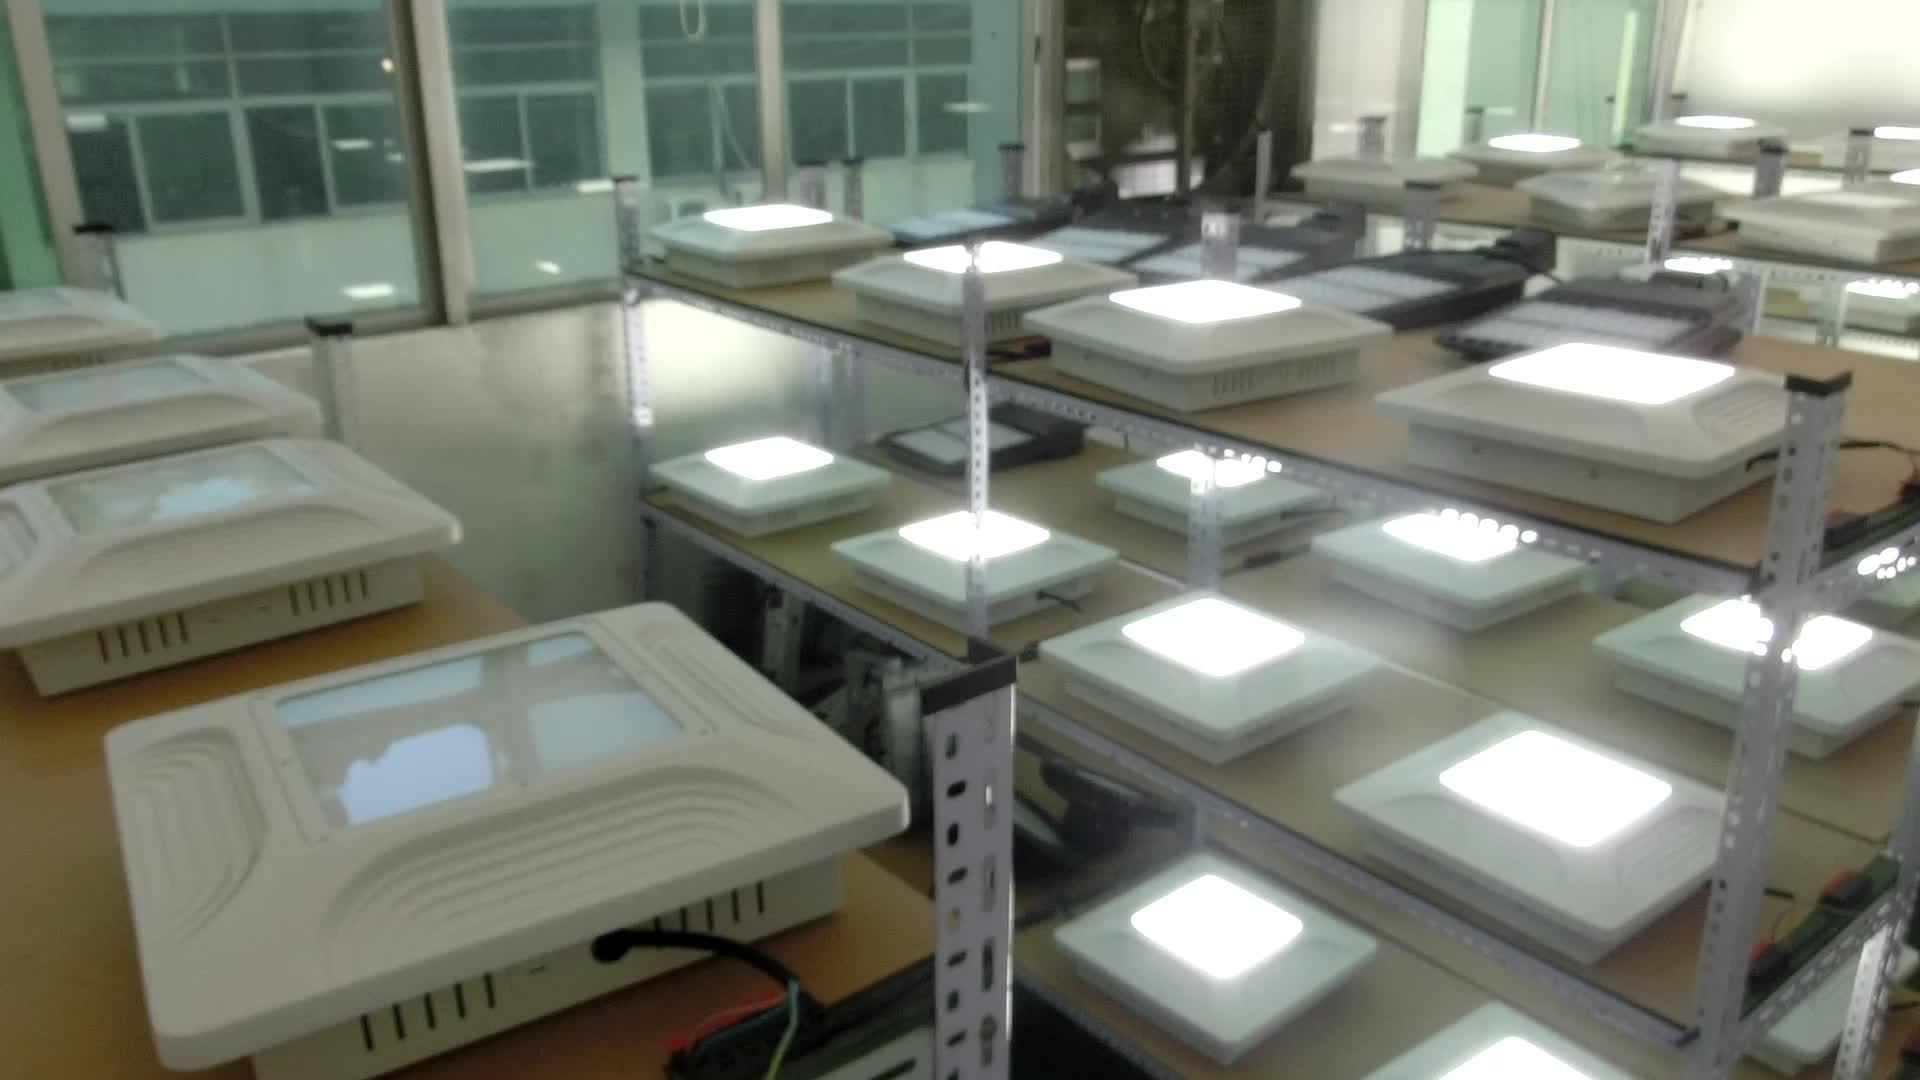 На открытом воздухе для бензиновых станций, светодиодный свет 80W 100W 120W 150W светодиодные лампы навесного типа UL cUL SAA